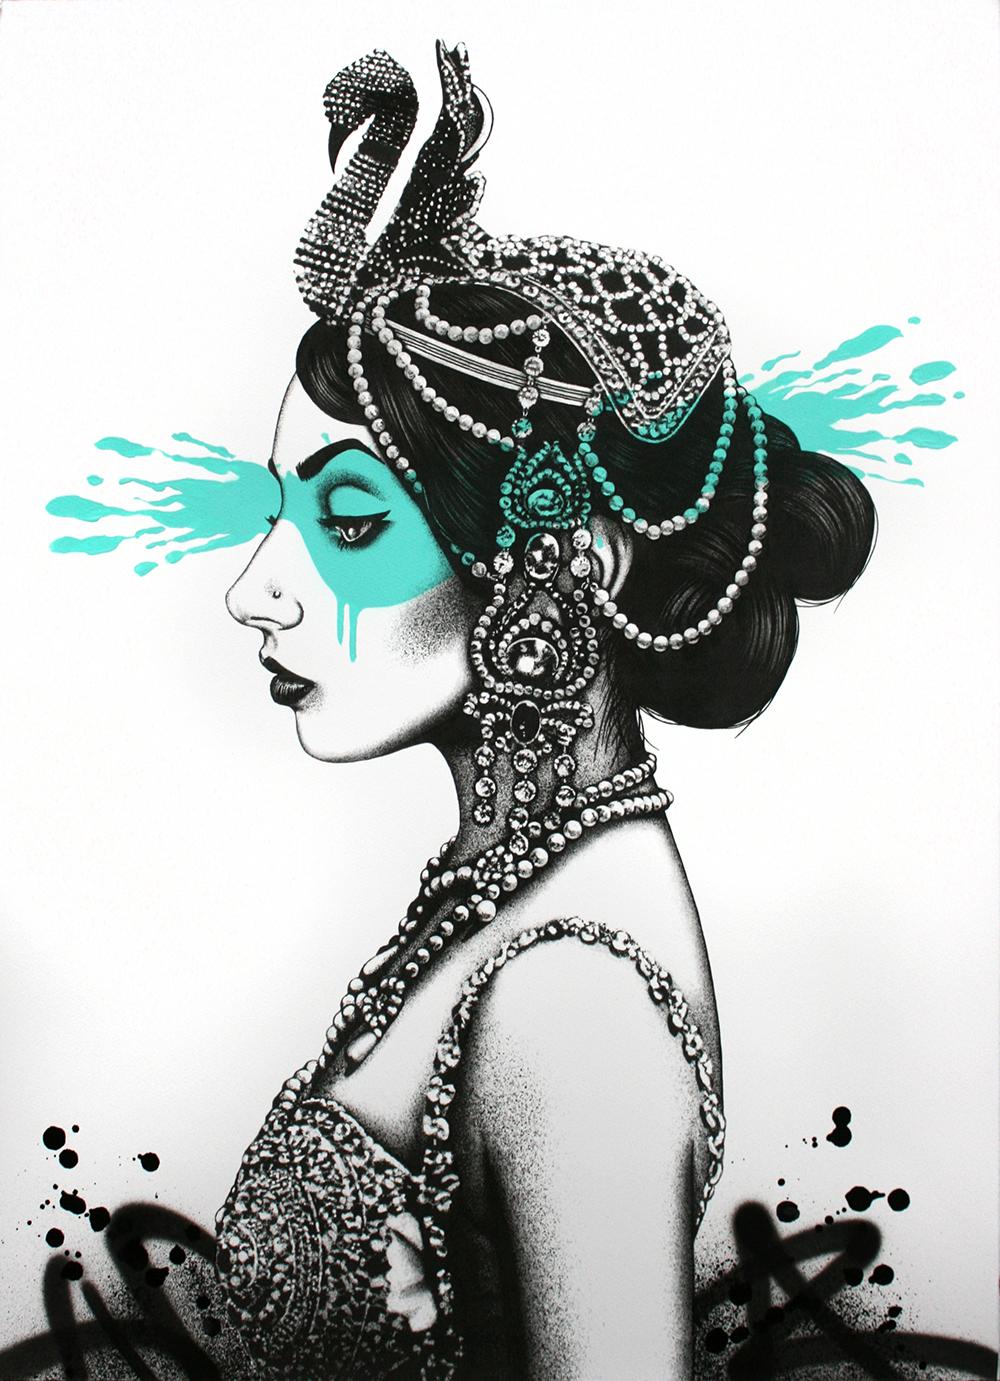 Fin Dac Street Artist